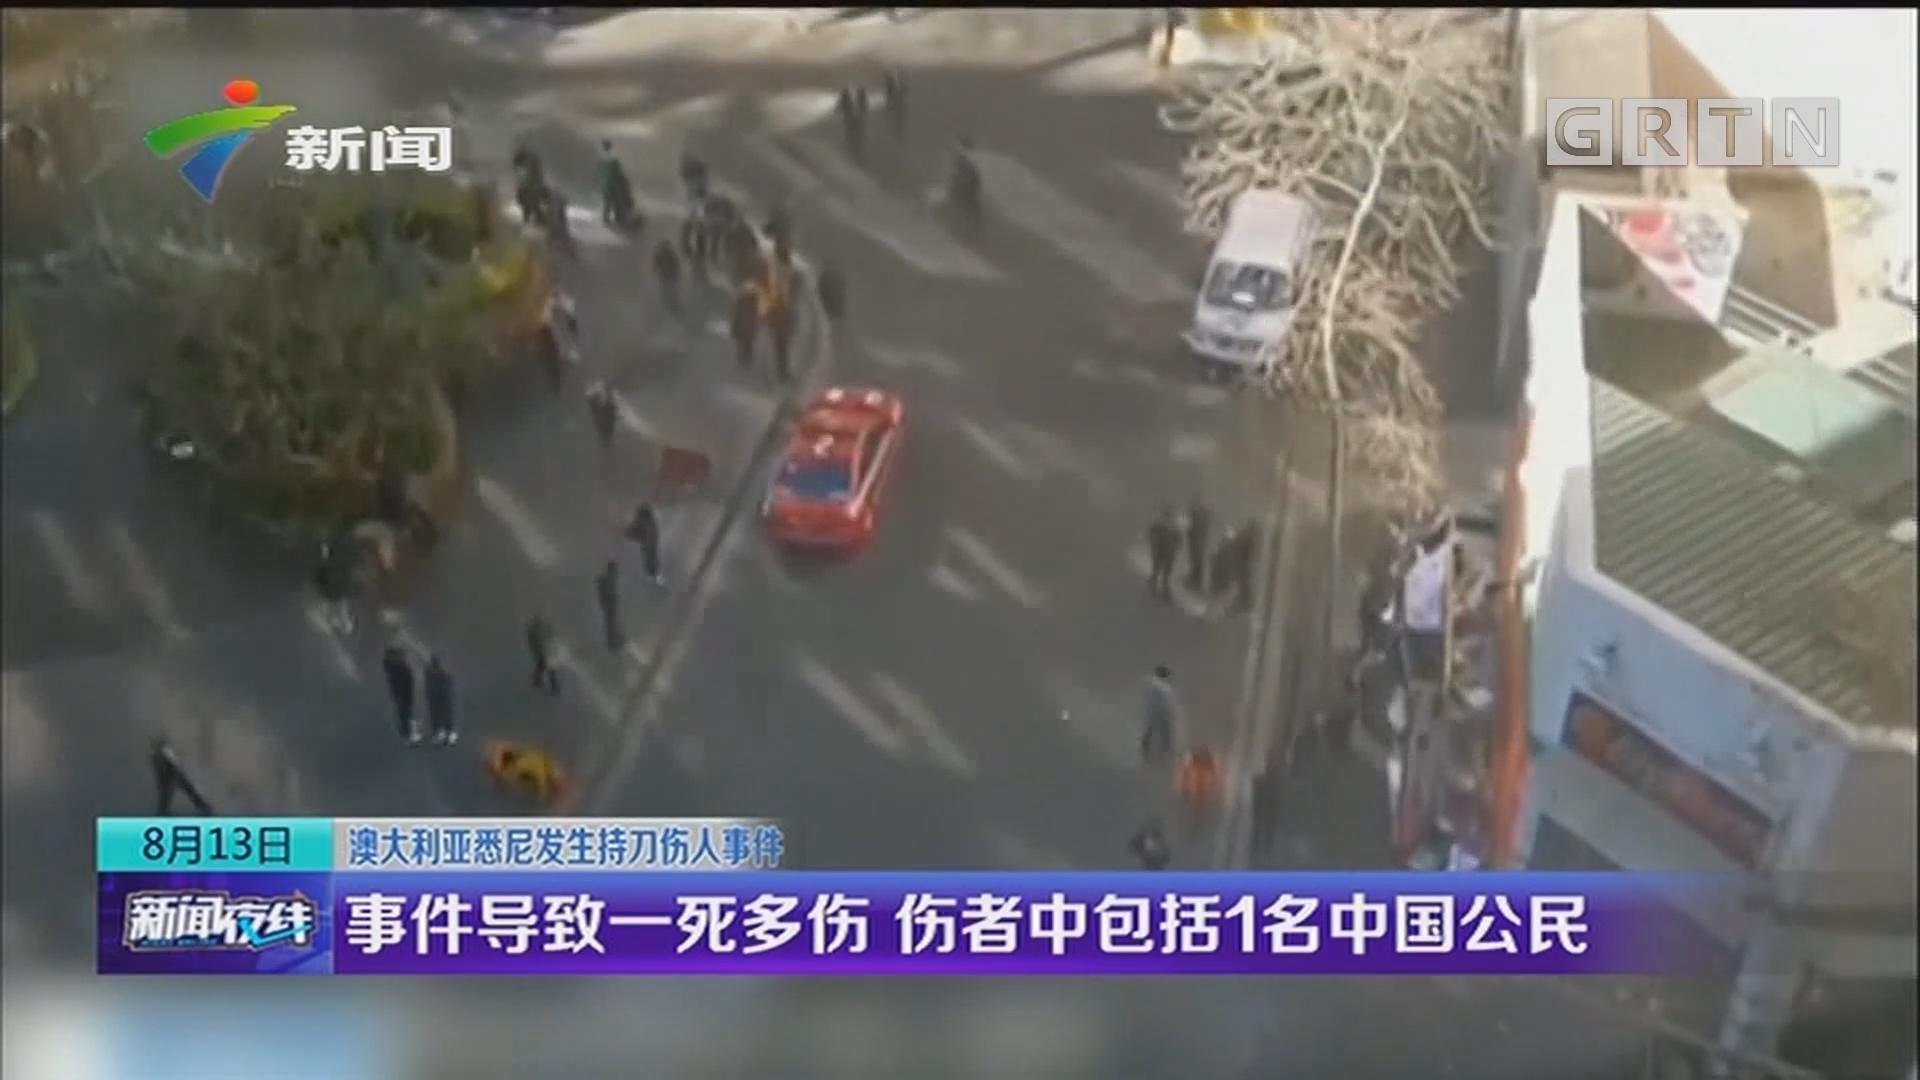 澳大利亚悉尼发生特刀伤人事件:事件导致一死多伤 伤者中包括1名中国公民